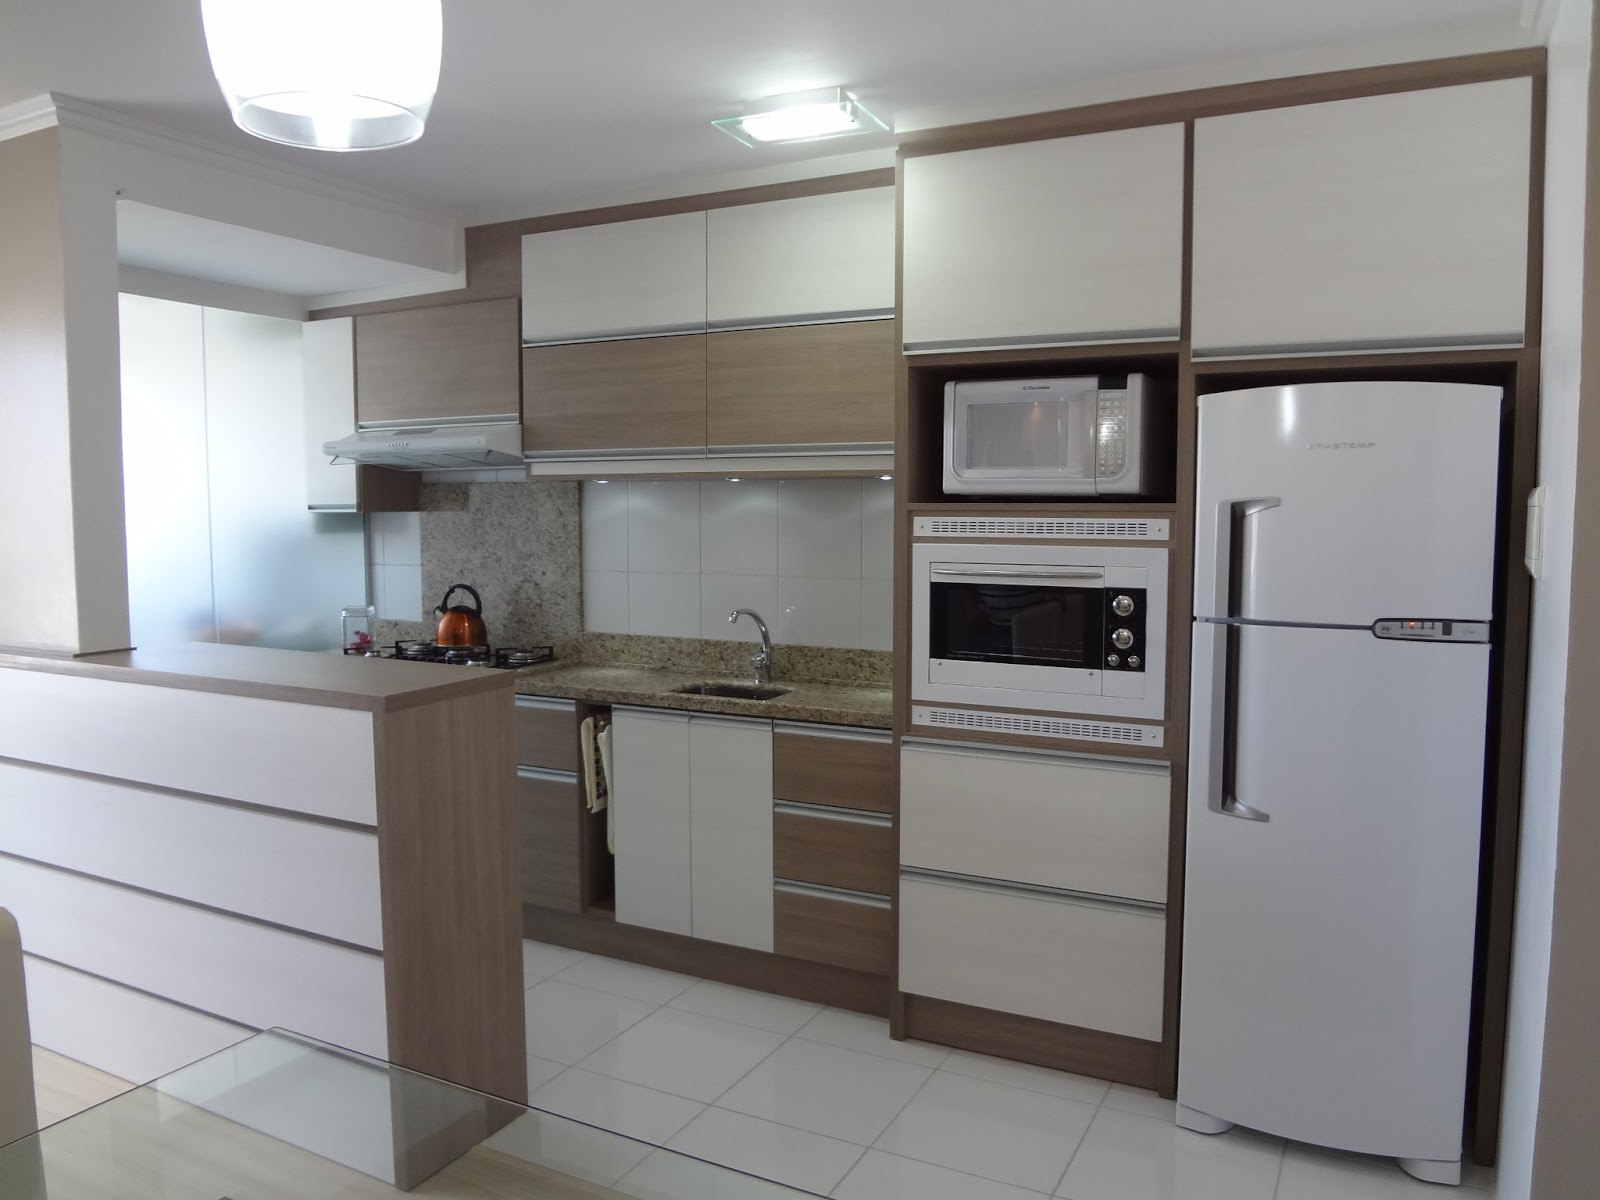 Cozinha Sob Medida Para Apartamento Oppenau Info